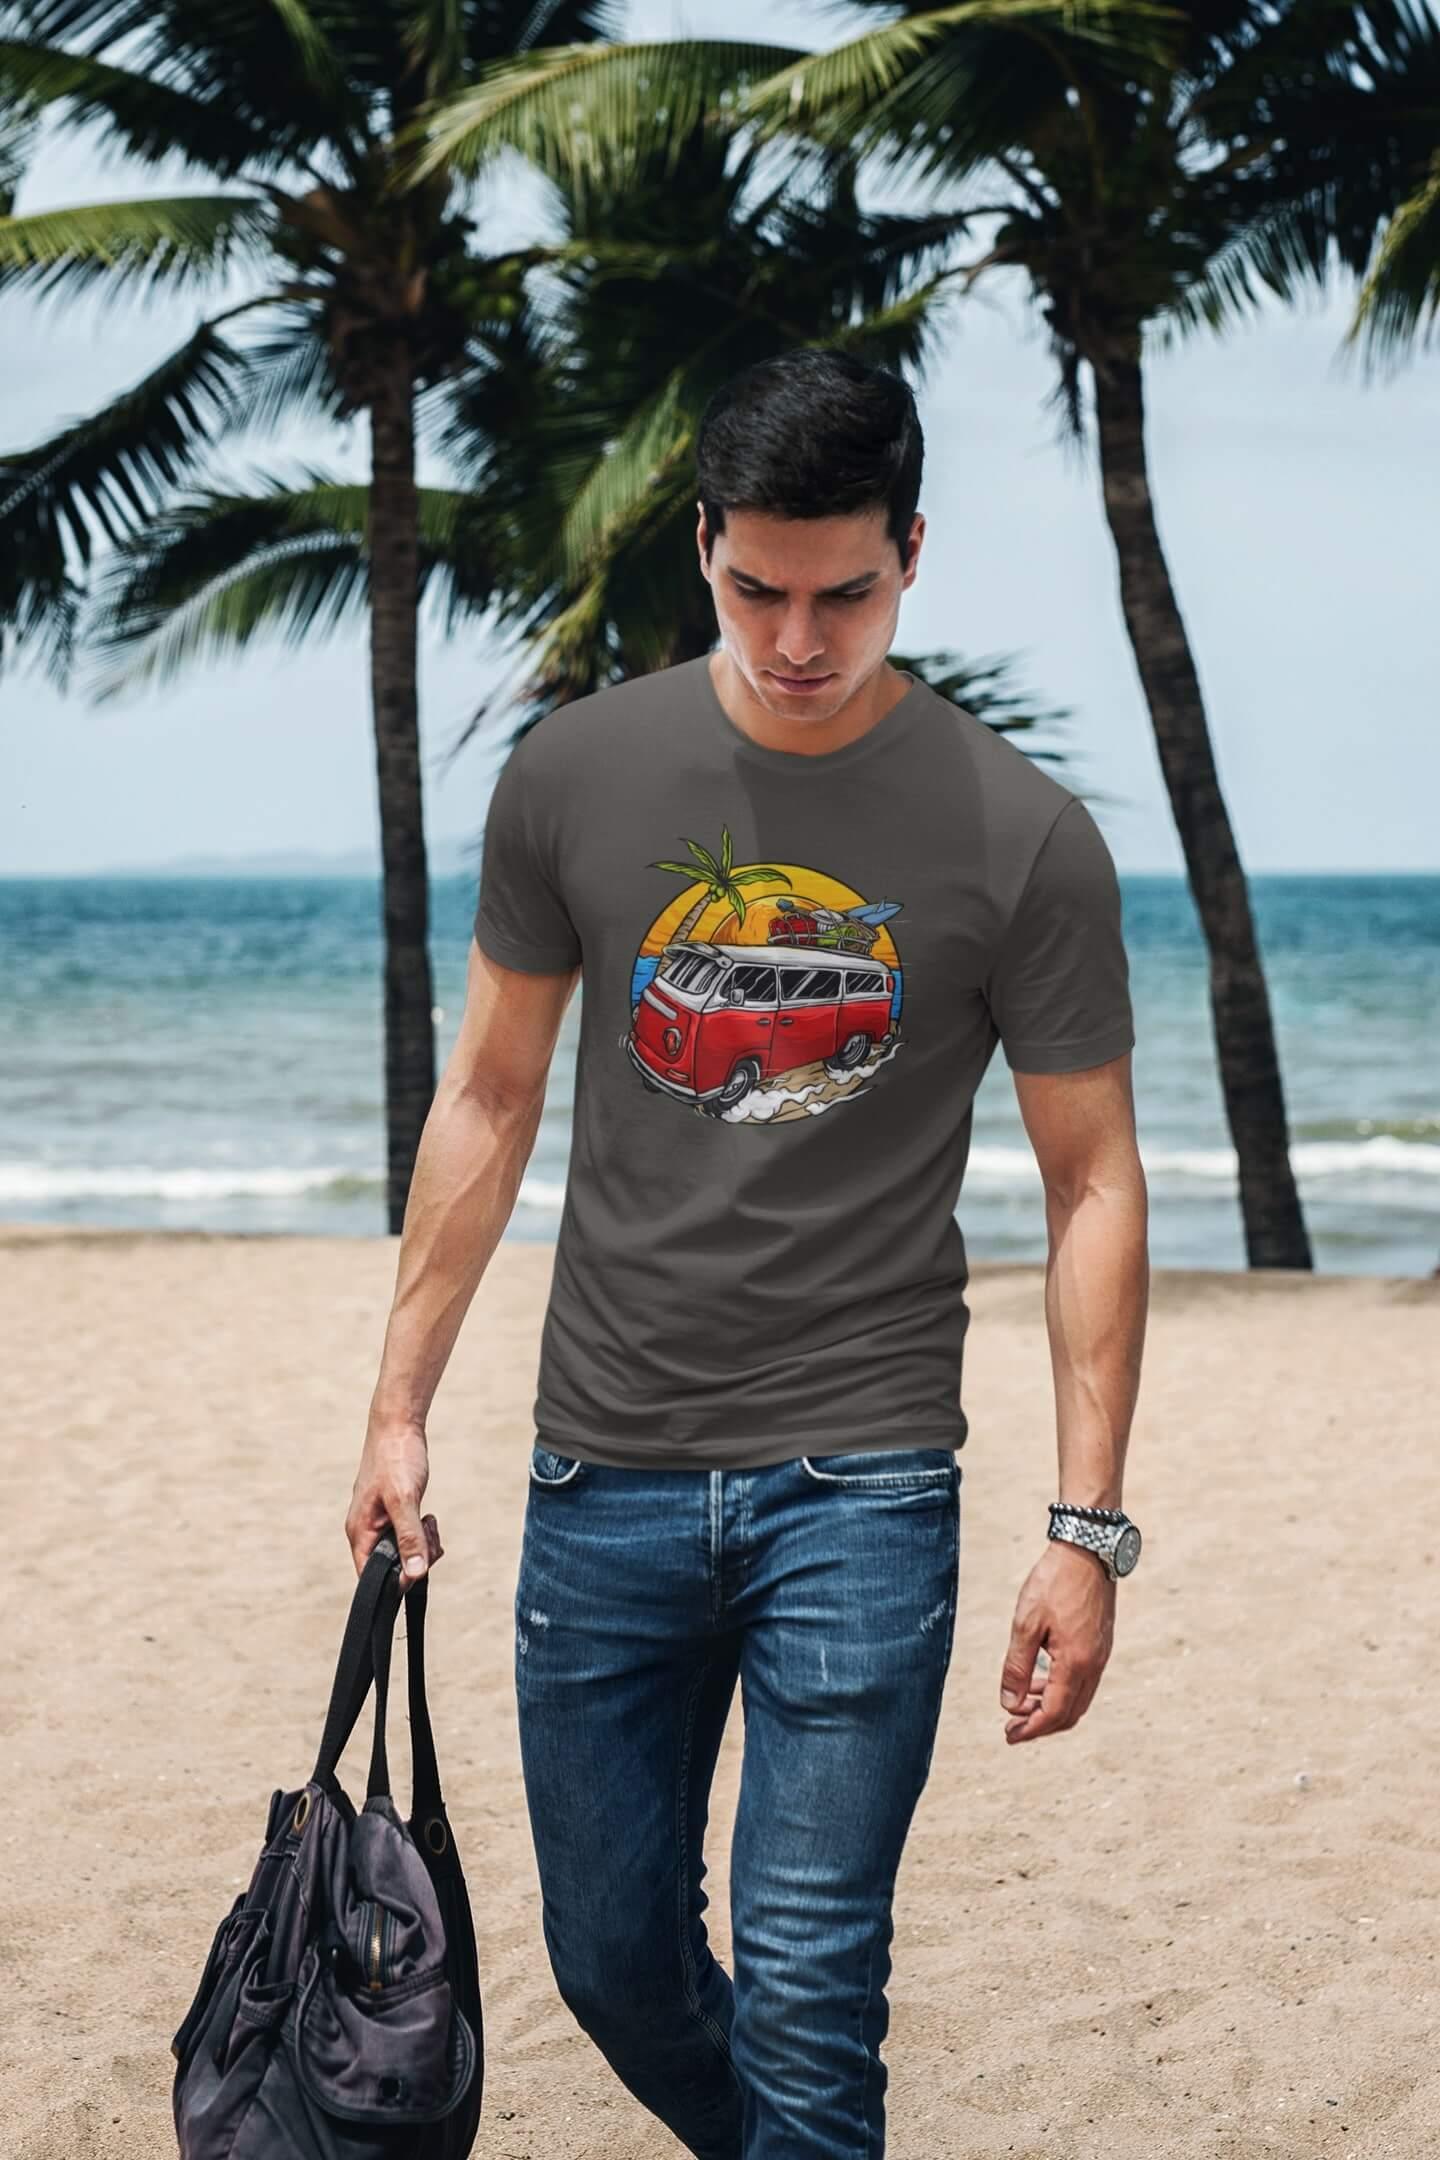 MMO Pánske tričko Minibus Vyberte farbu: Tmavá bridlica, Vyberte veľkosť: XL